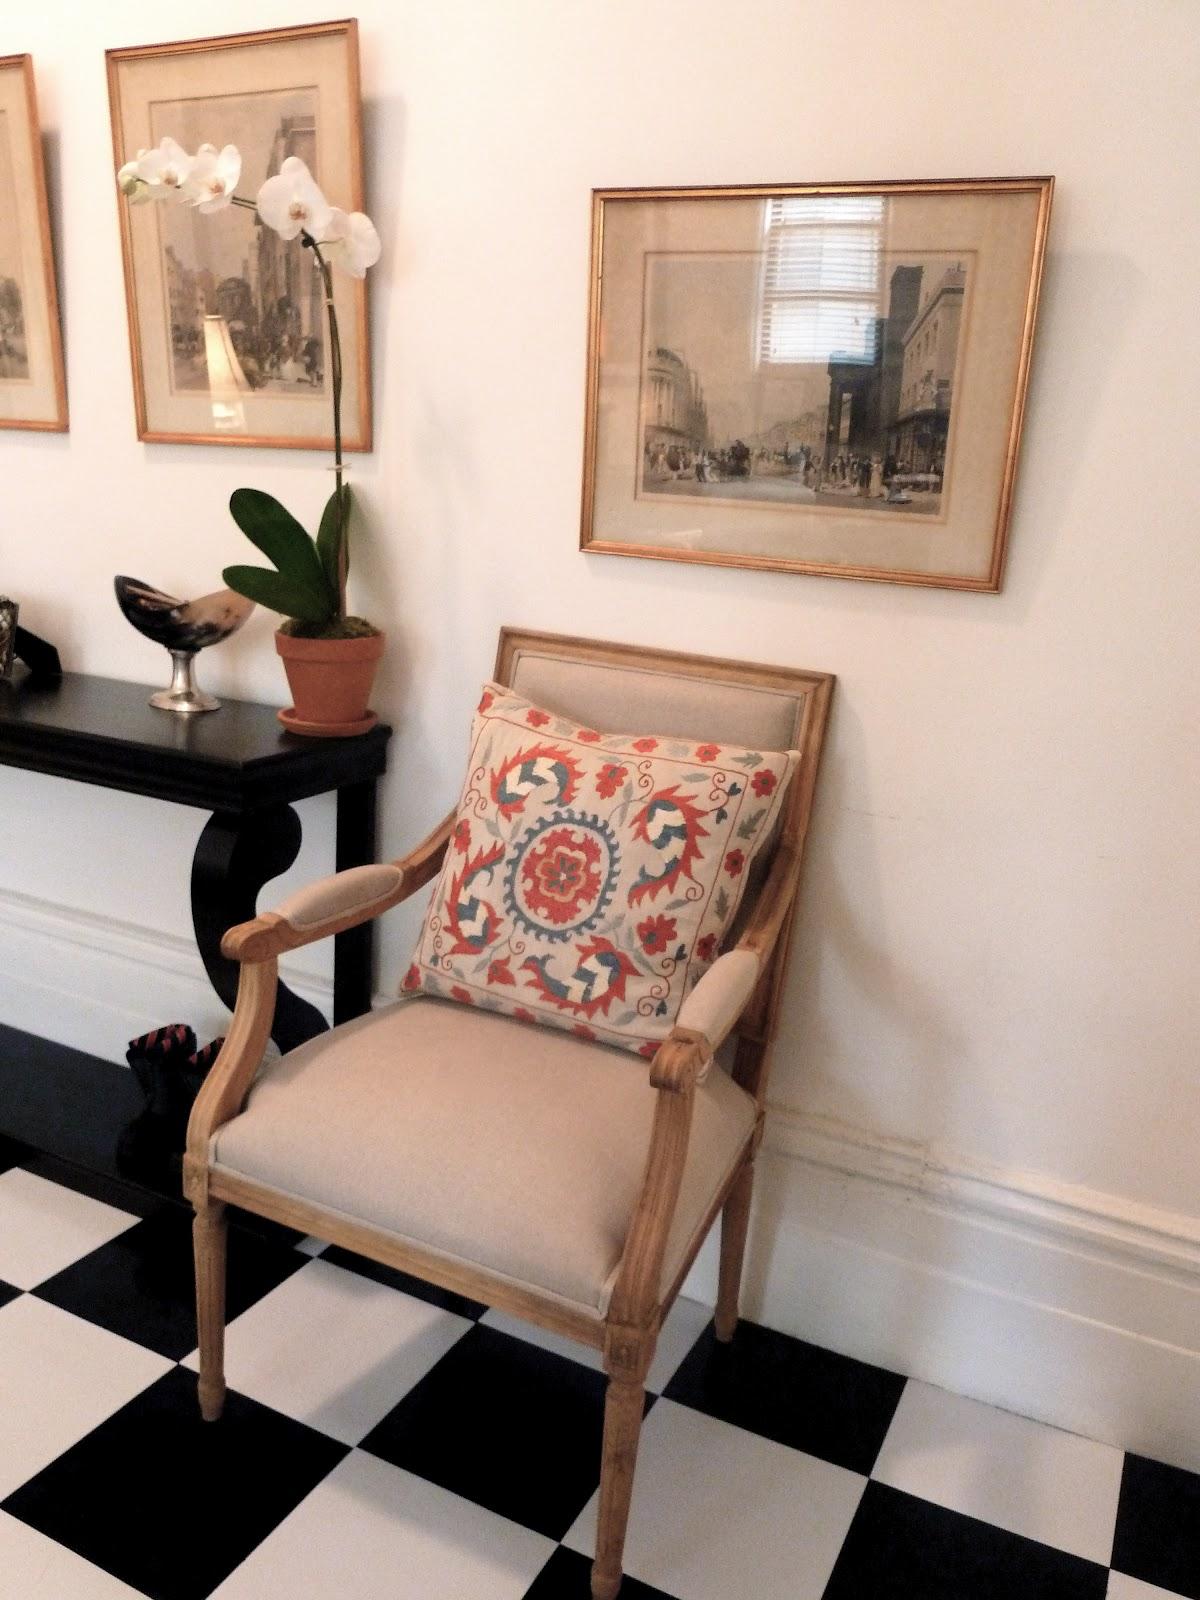 The Black And White Checkered Floor Lorri Dyner Design